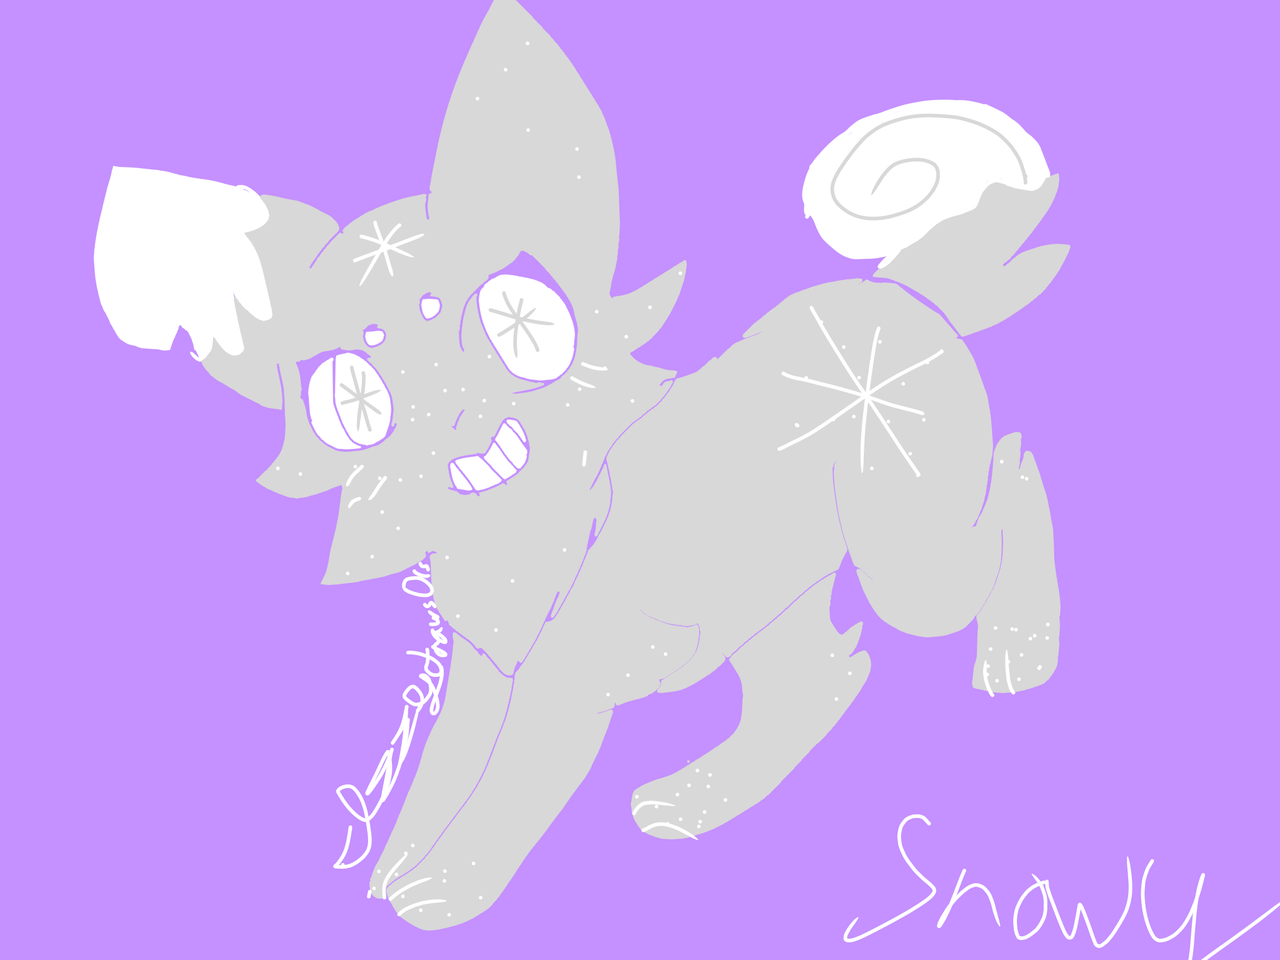 snowy the doggo